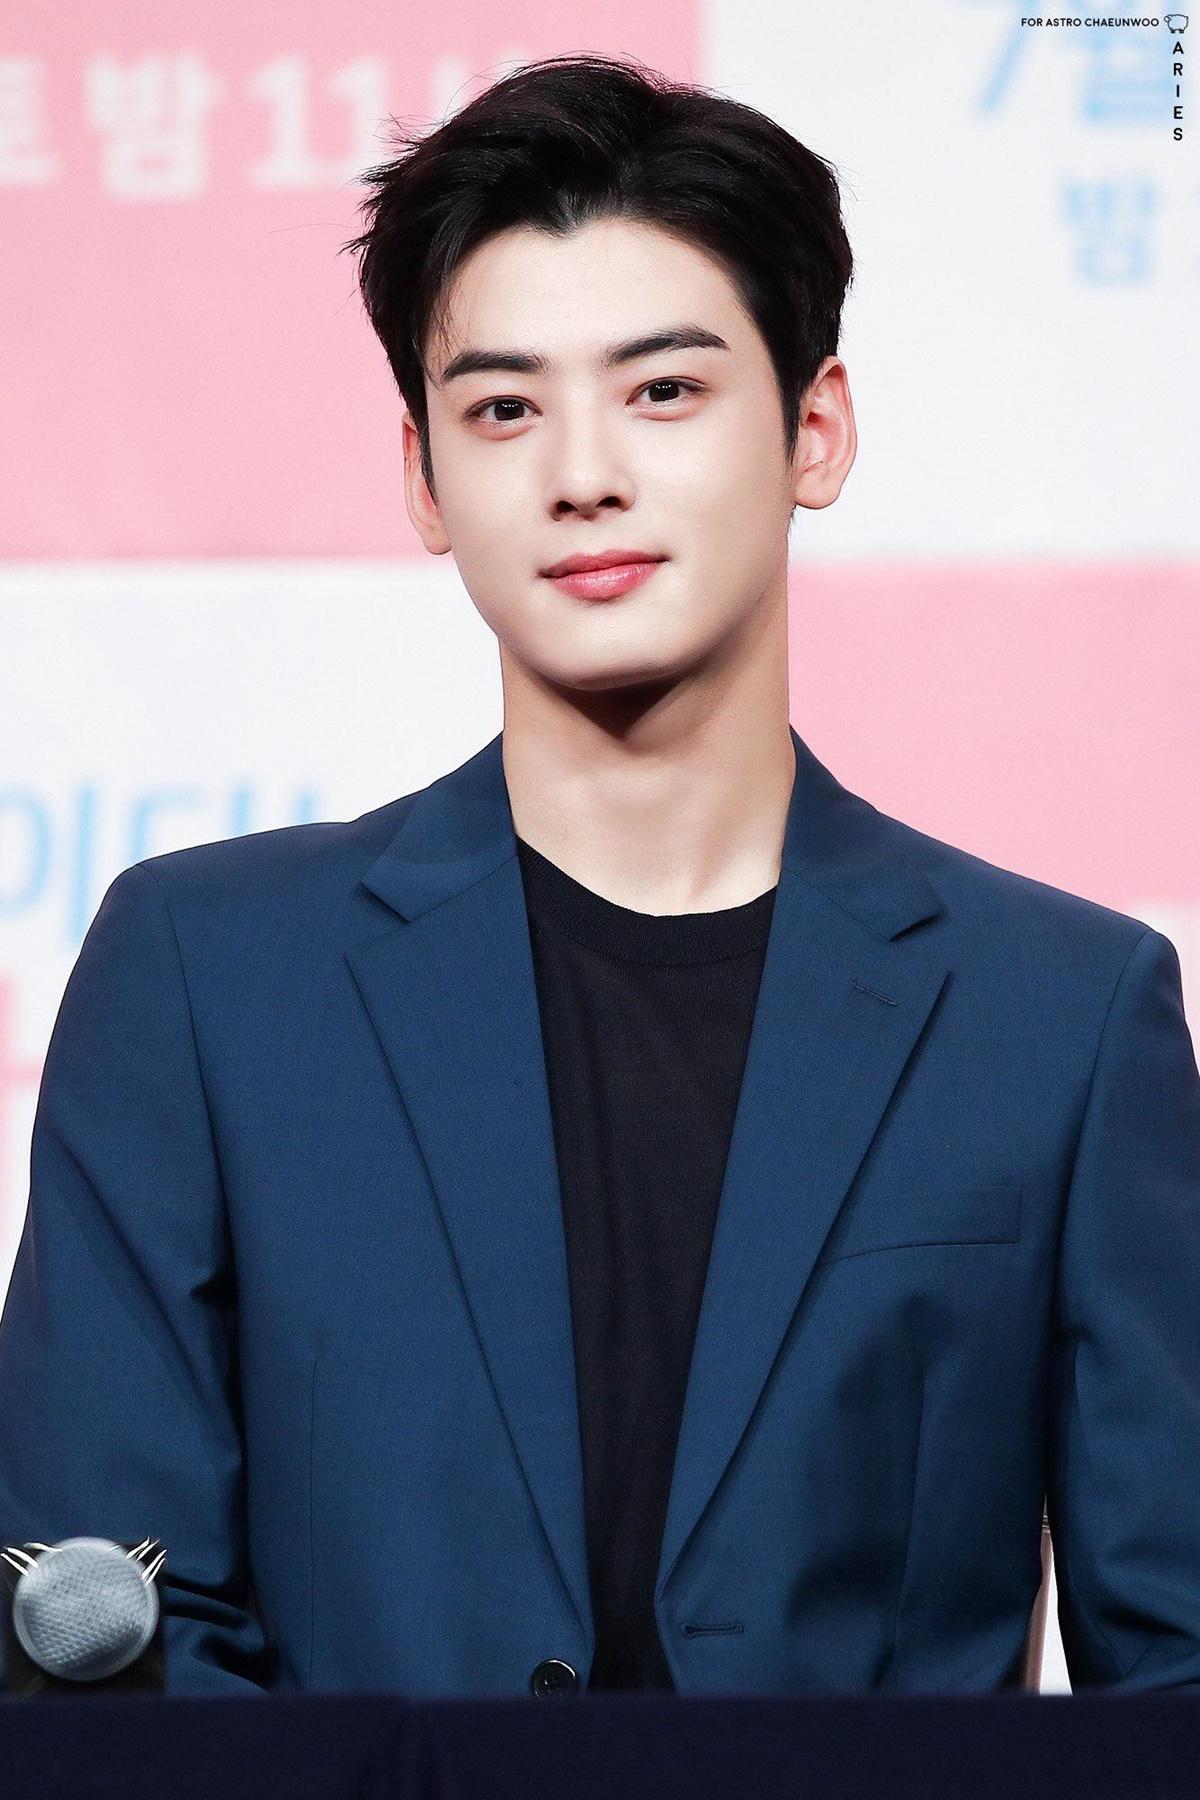 Cha Eun Woo giúp danh tiếng của Astro trở nên phổ biến, được nhiều người biết đến hơn.